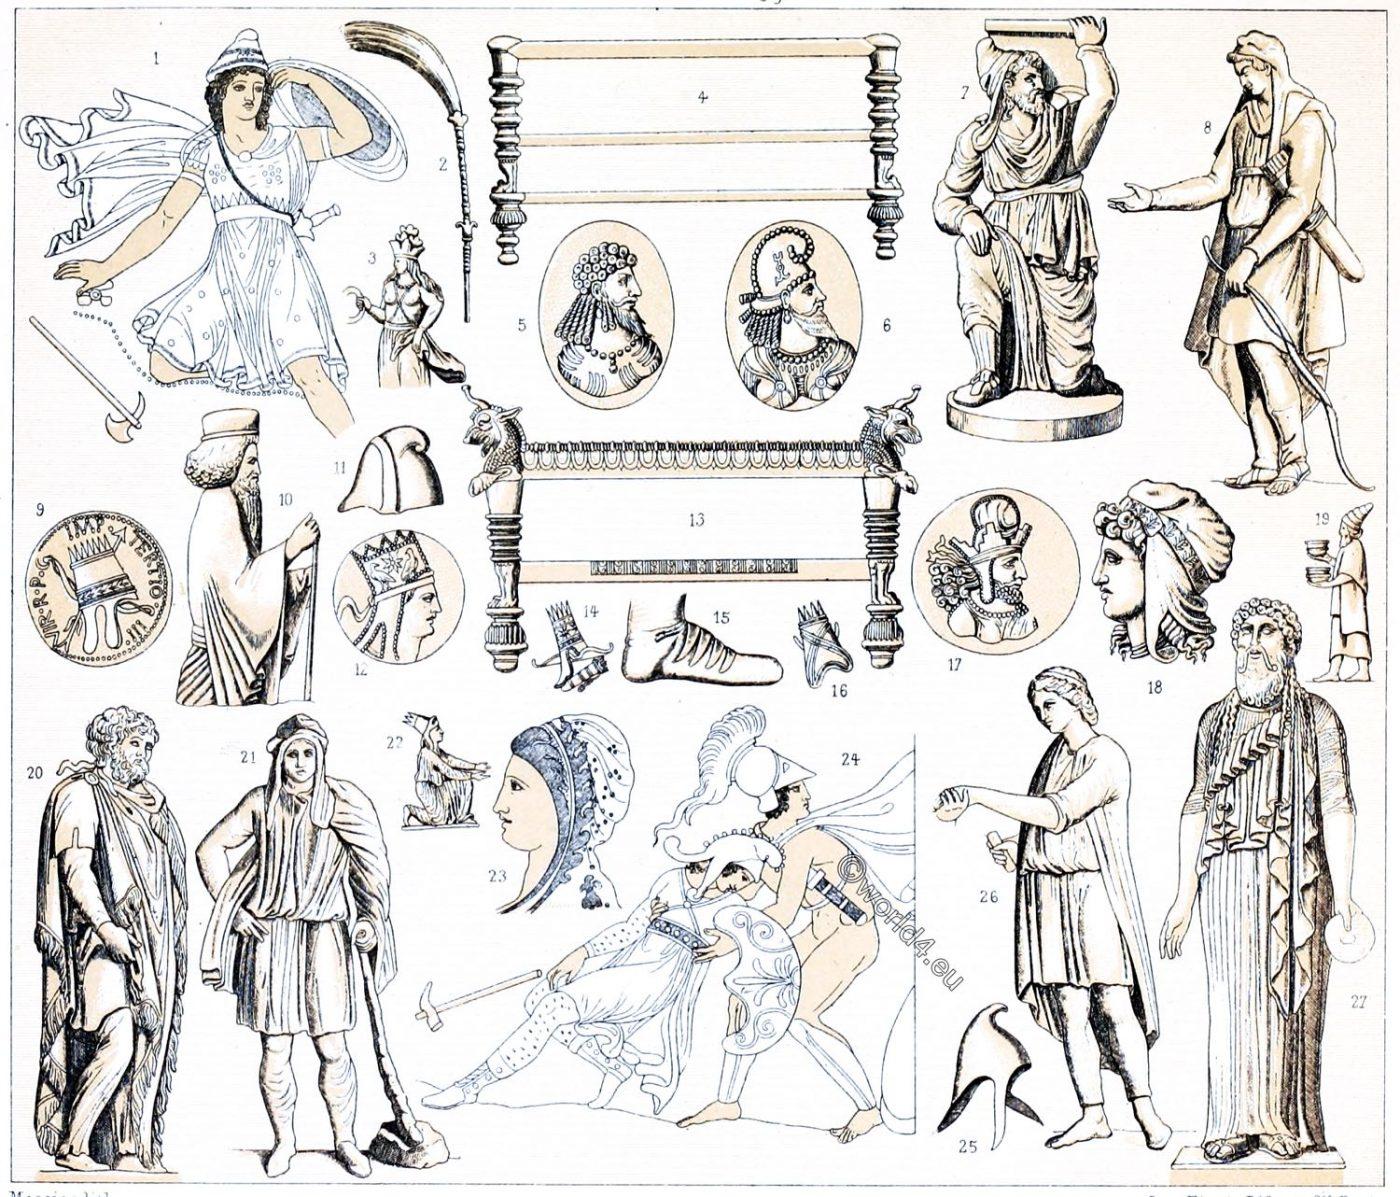 Phrygian cap, Parthians, Costumes, Antiquity, Asia, Persia,